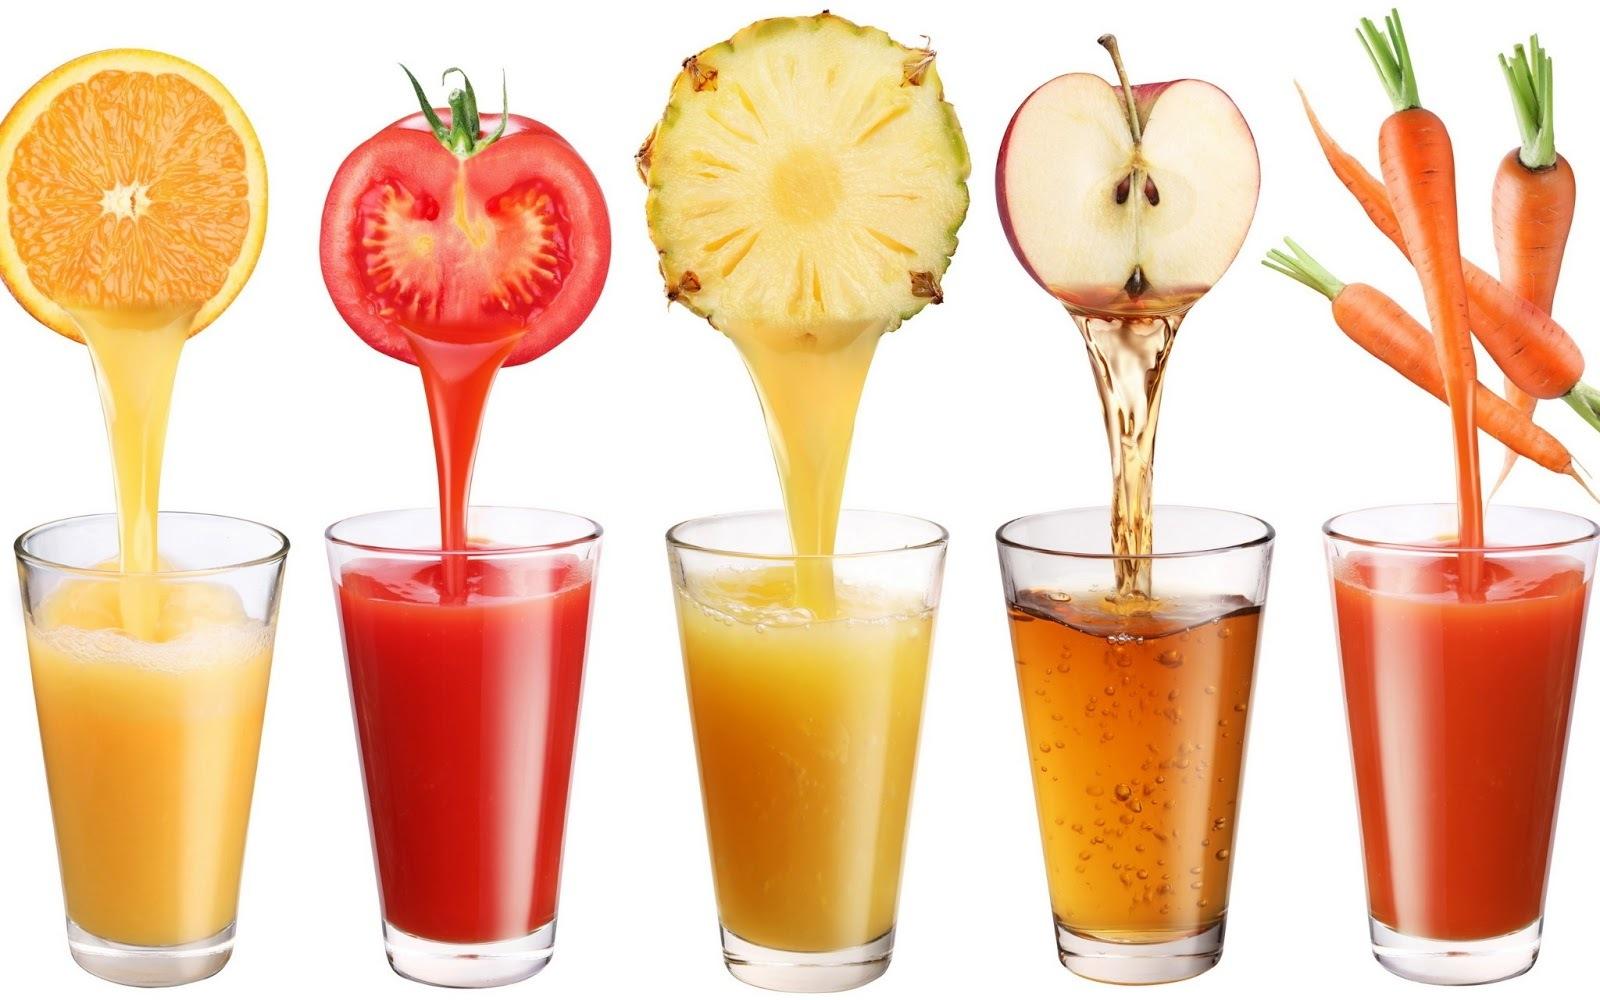 sinh tố, nước ép hoa quả, nước ép trái cây, trái cây, rau xanh